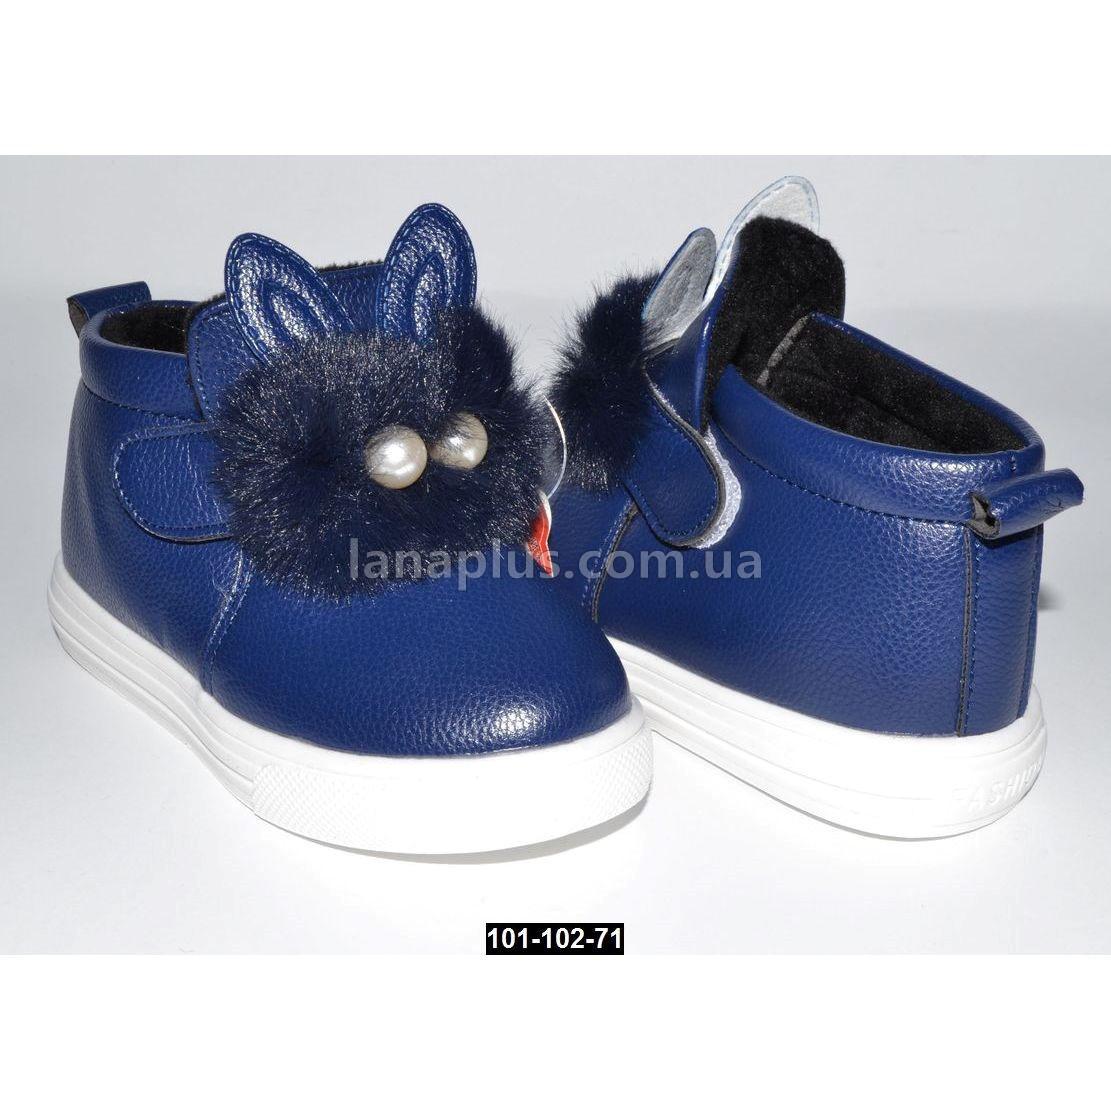 Демисезонные ботинки с ушками, 25 размер (15.5 см), кожаная стелька, супинатор